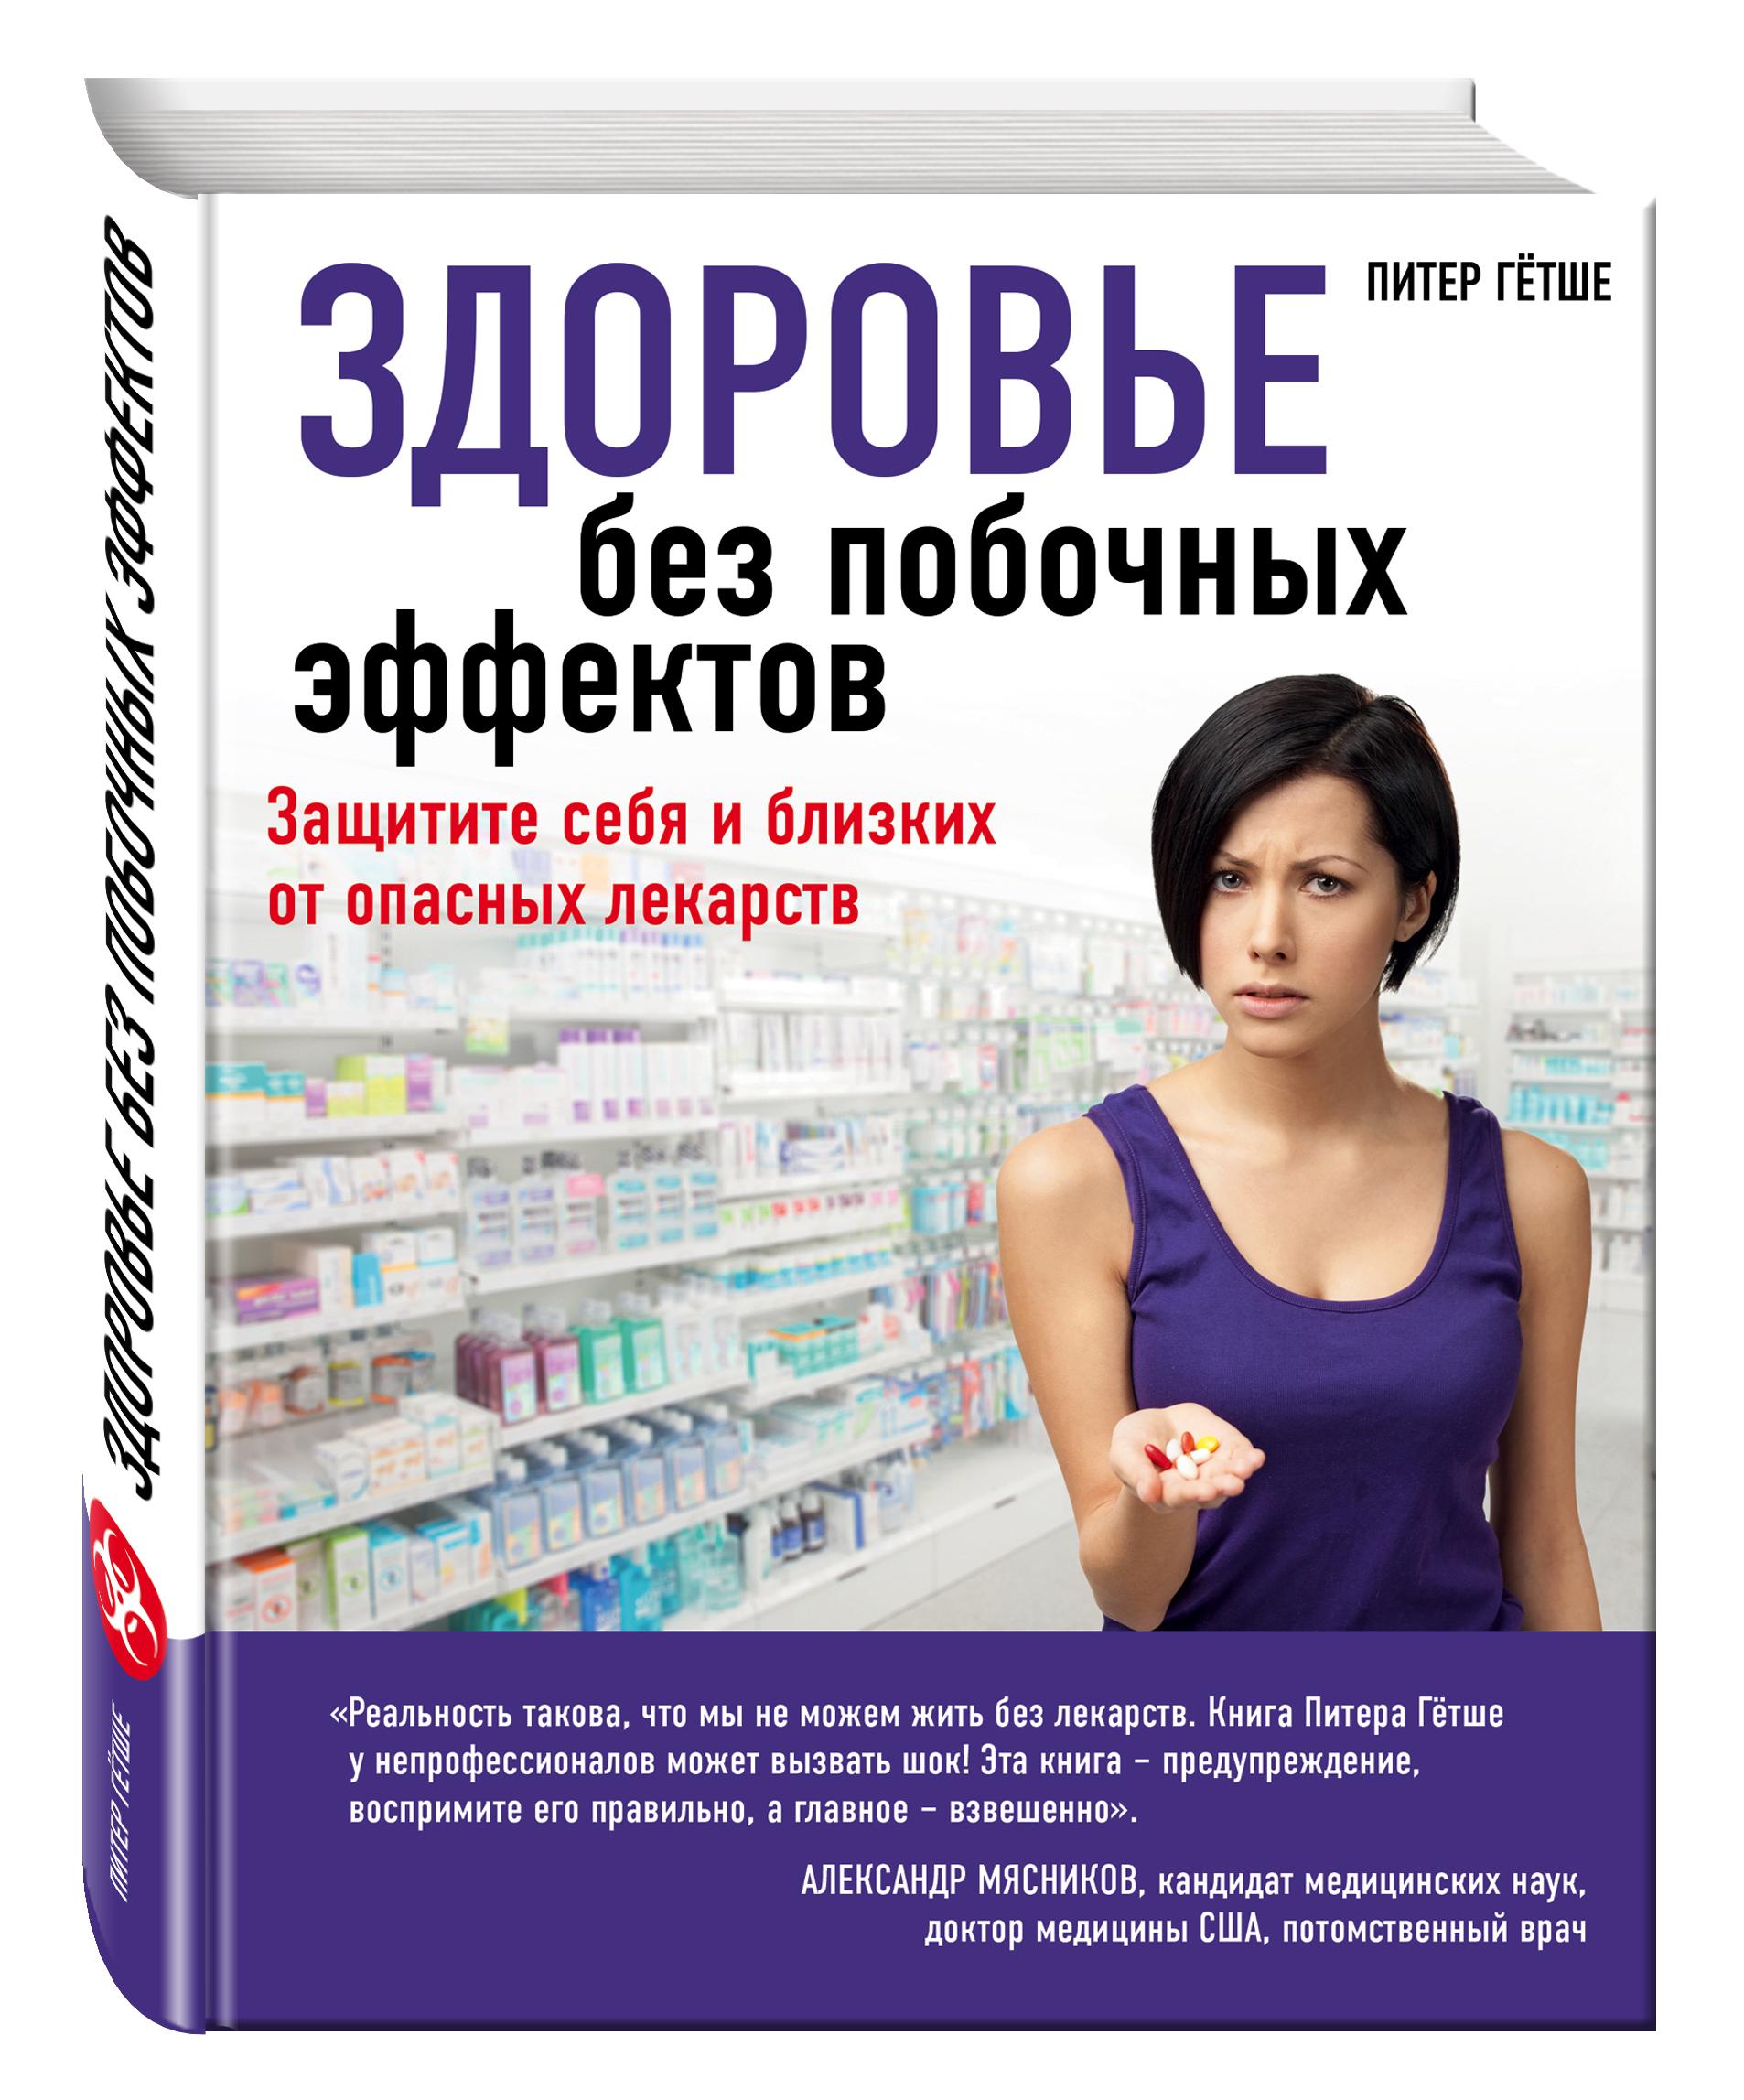 Смертельно опасные лекарства и организованная преступность ( Гётше Питер  )